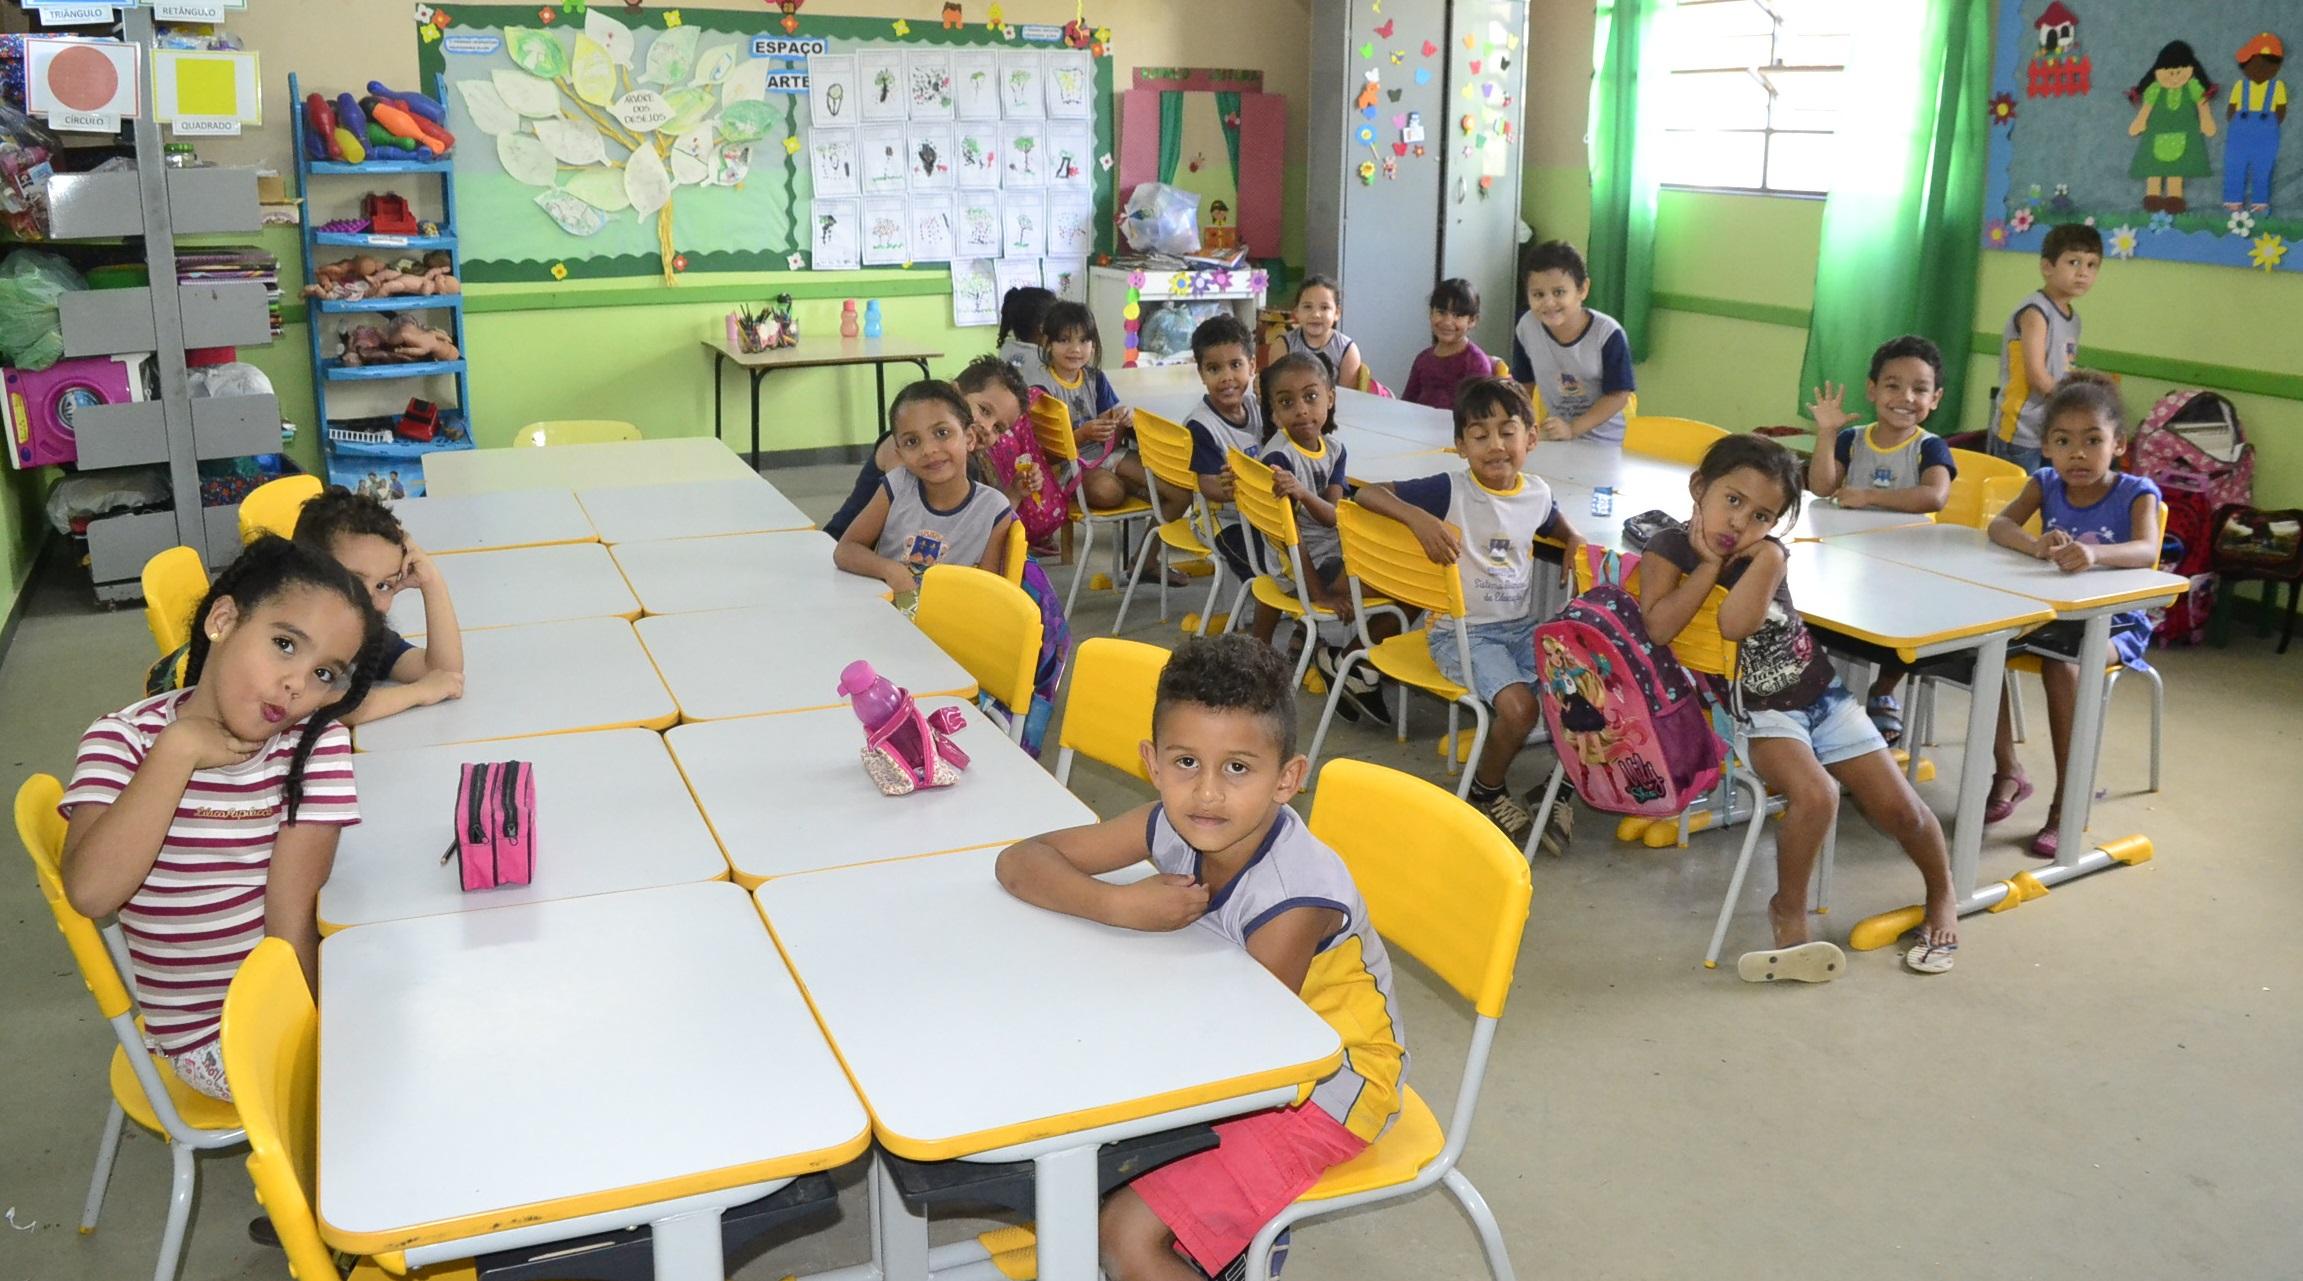 Imagem de destaque Volta às aulas em Montes Claros equilibrará exigências sanitárias e necessidades educacionais